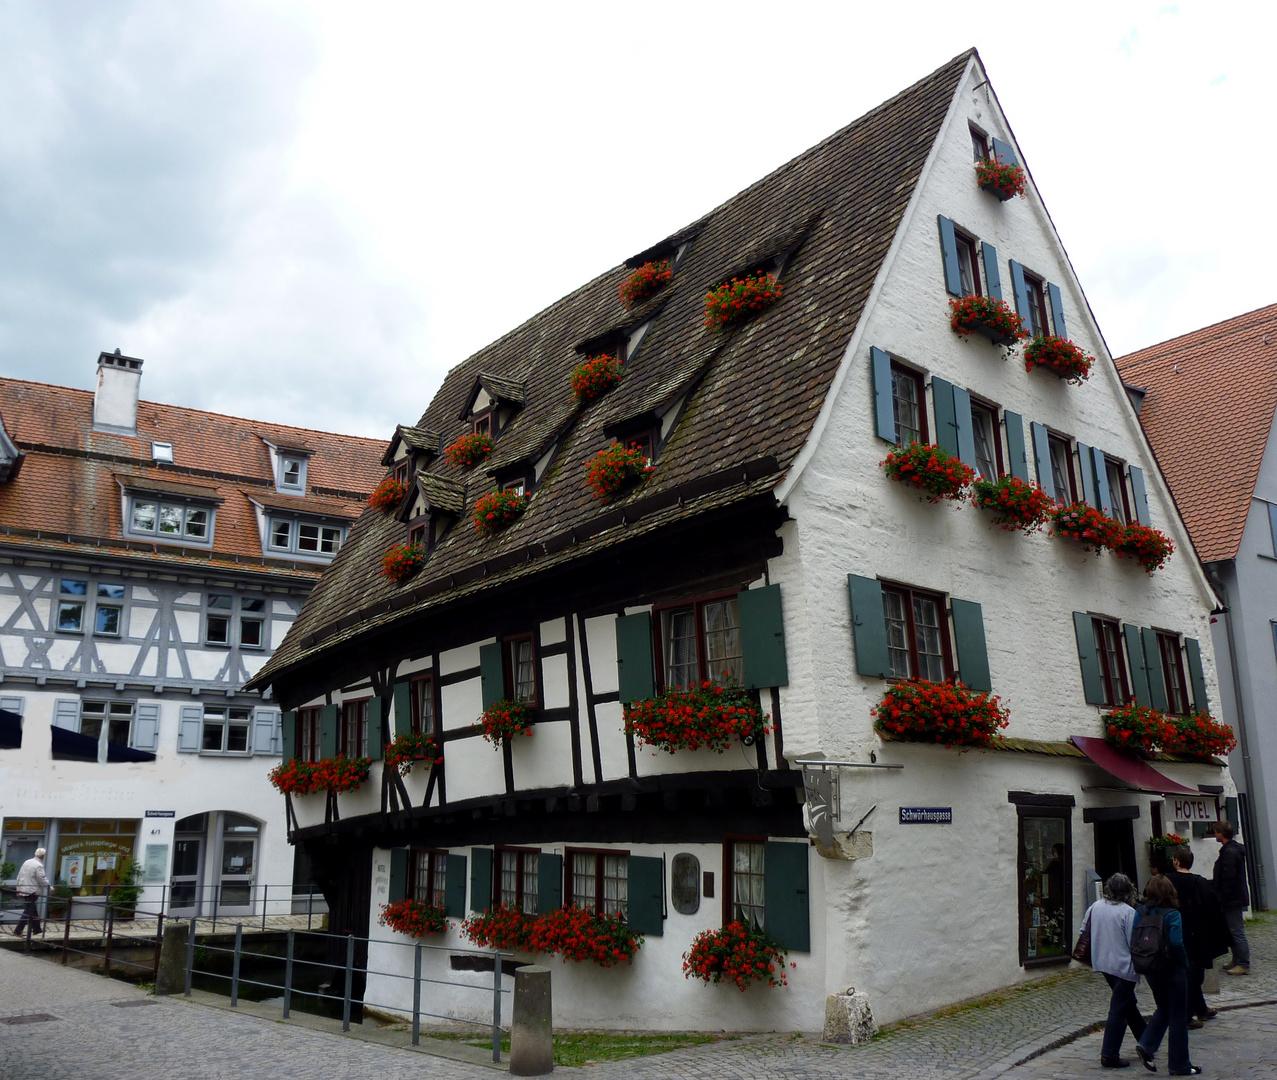 Schiefes Haus In Ulm Foto & Bild